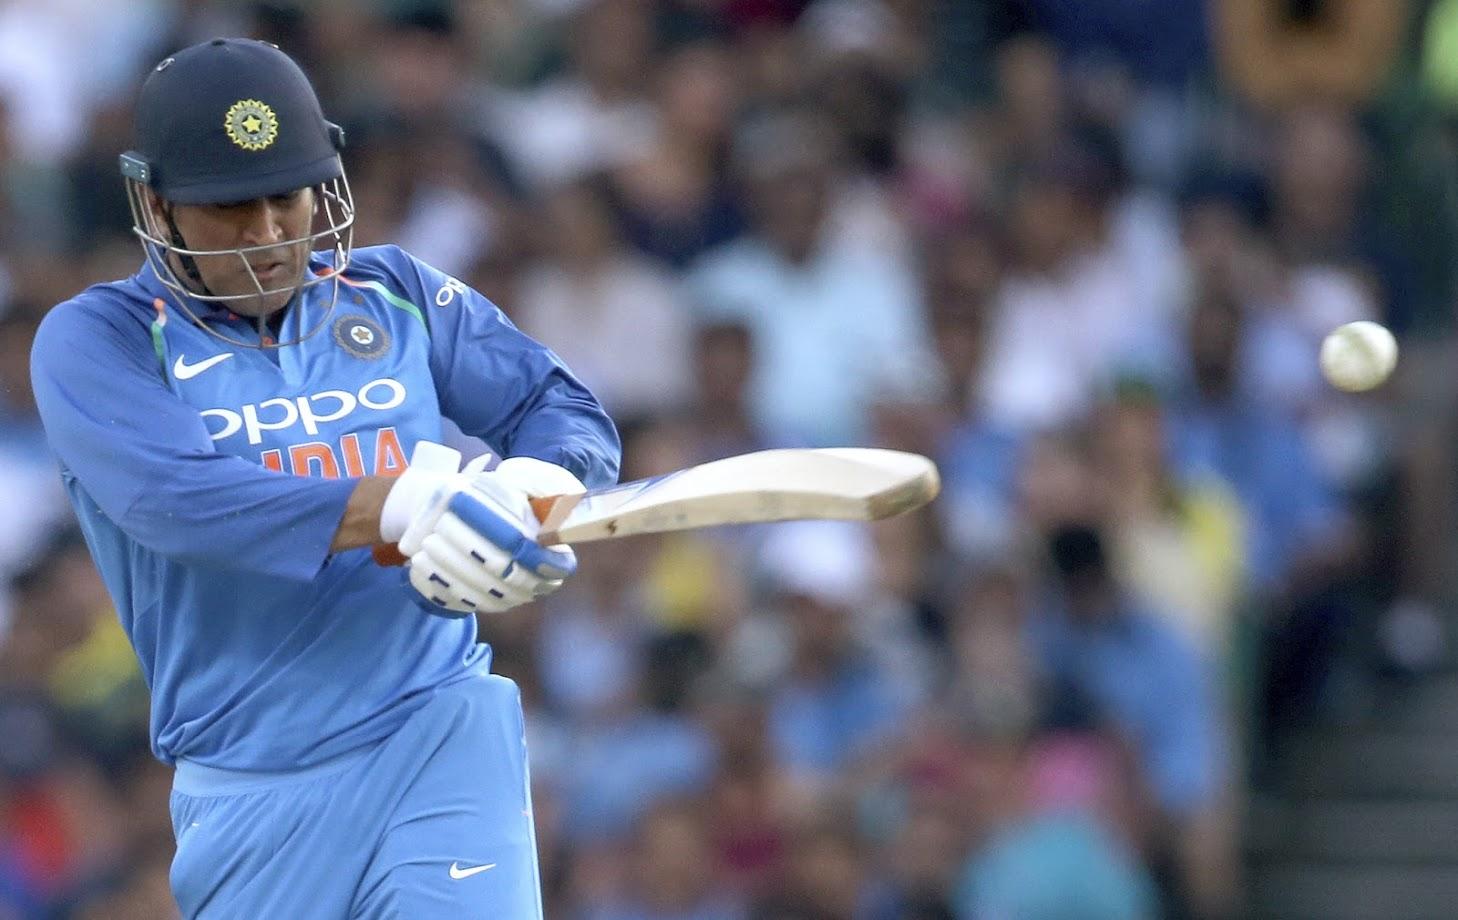 सिडनीमधील पहिल्या एकदिवसीय सामन्यात ऑस्ट्रेलियाने भारताचा ३४ धावांनी पराभव केला. या सामन्यात अवघ्या चार धावांमध्येच ३ विकेट गमावणाऱ्या टीम इंडियासाठी रोहित शर्मा १३३ आणि धोनीने ५१ धावांची महत्त्वपूर्ण खेळी खेळली.